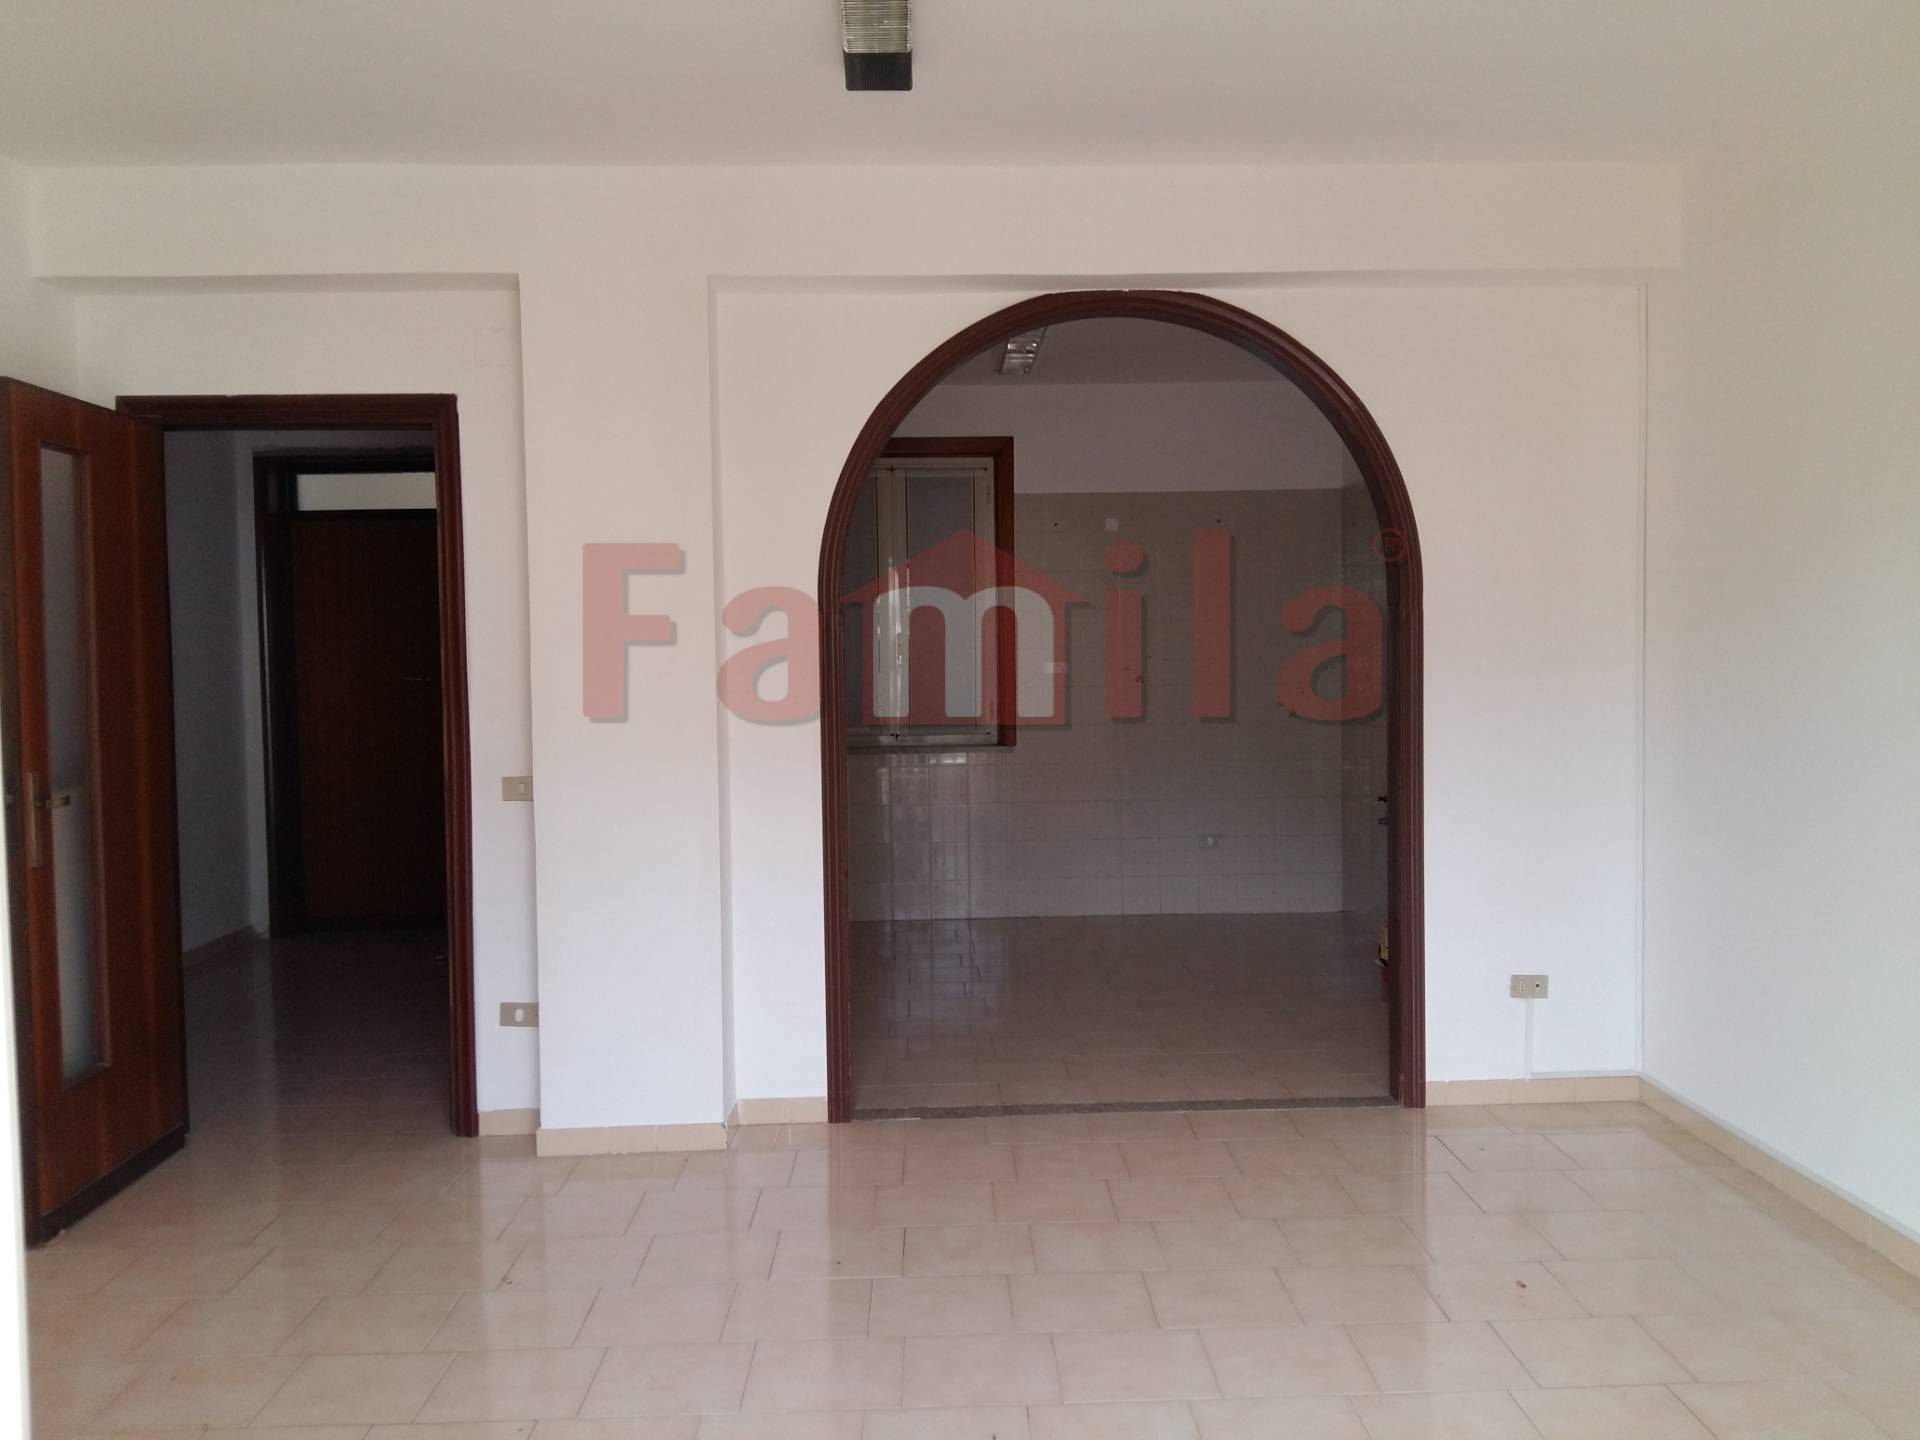 Appartamento in vendita a Sirignano, 4 locali, prezzo € 74.000   CambioCasa.it